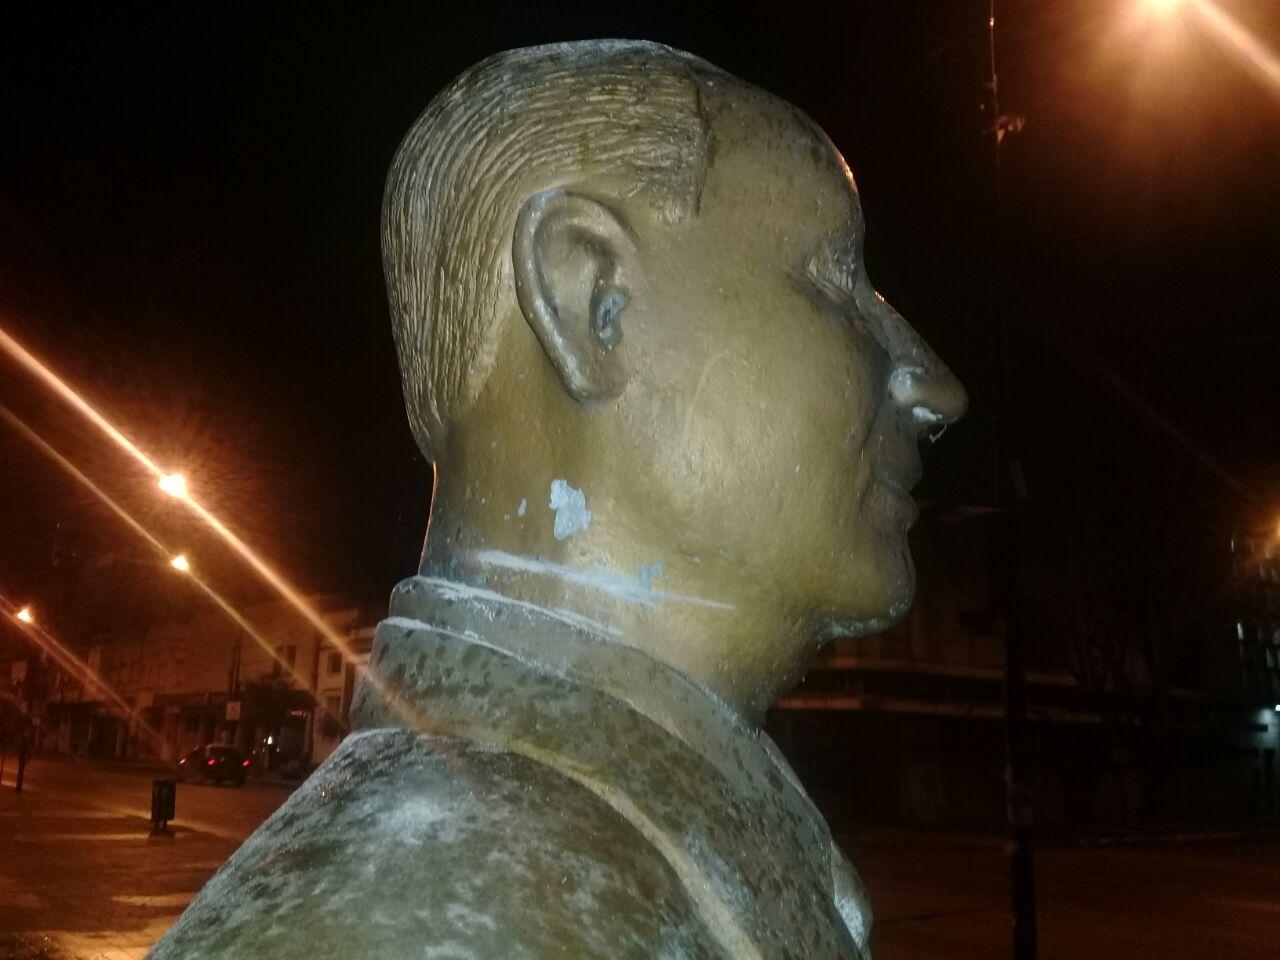 Personal del Comando Patrulla Berisso, a cargo del comisario Javier Scheidegger, procedió a la aprehensión de un sujeto por intentar cortarle la cabeza a la estatua de Juan Domingo Perón.